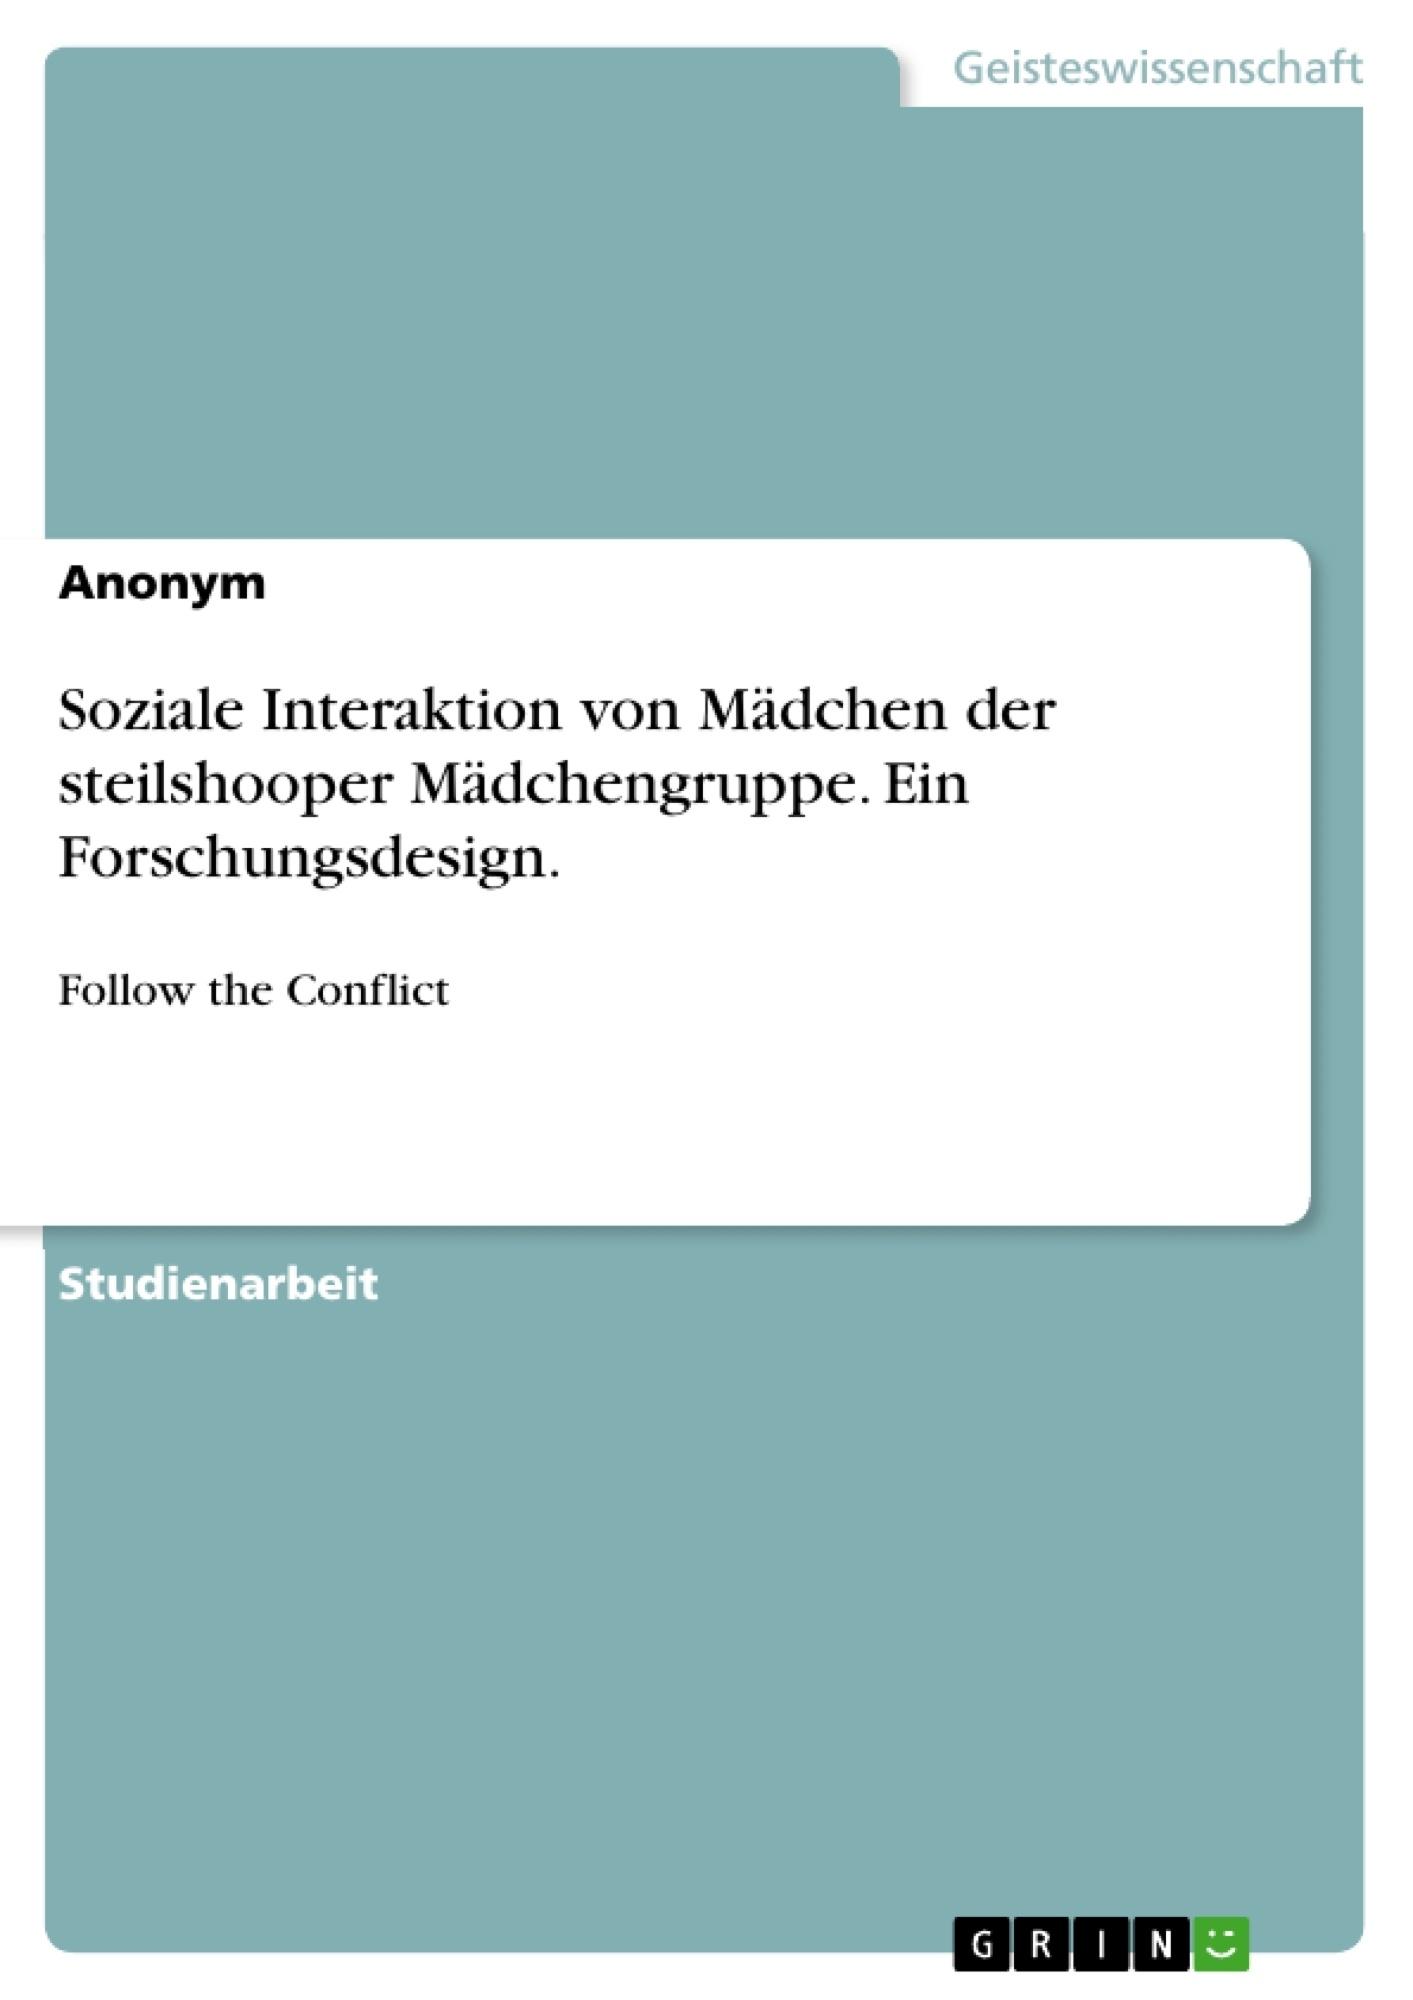 Titel: Soziale Interaktion von Mädchen der steilshooper Mädchengruppe. Ein Forschungsdesign.